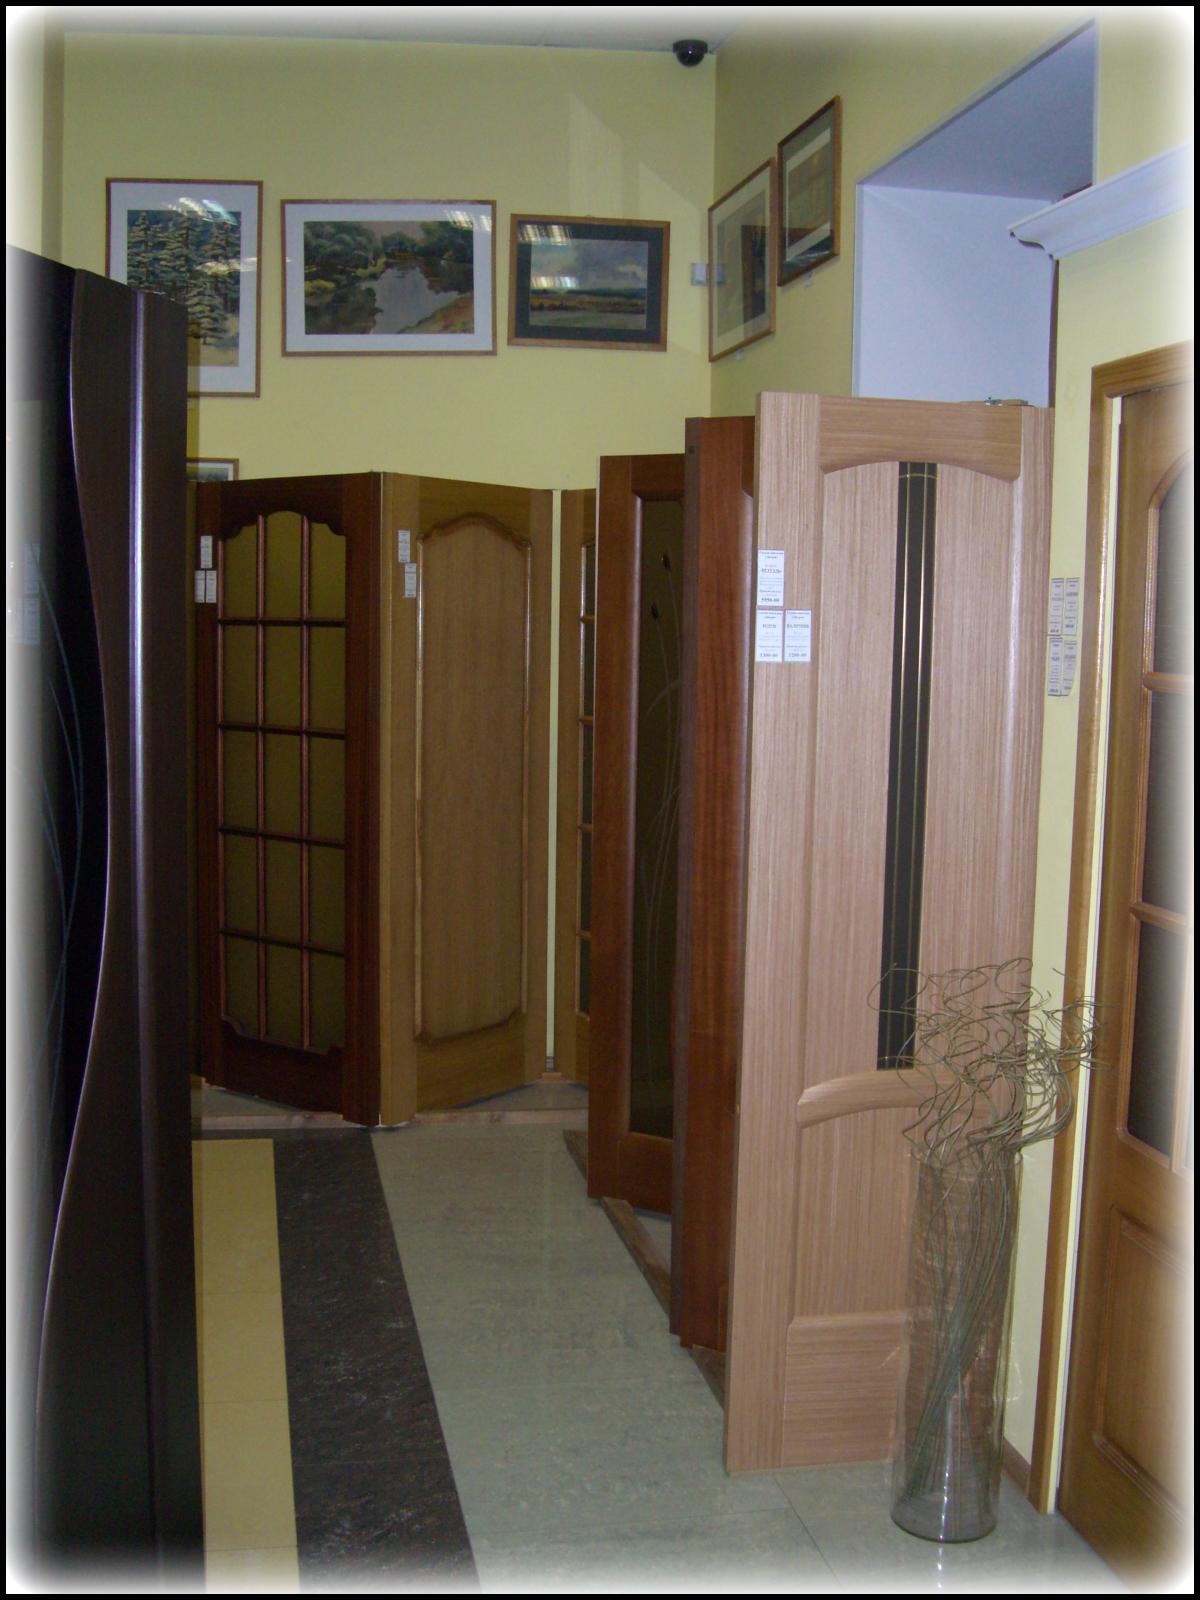 установка межкомнатных дверей пошаговая инструкция с фото